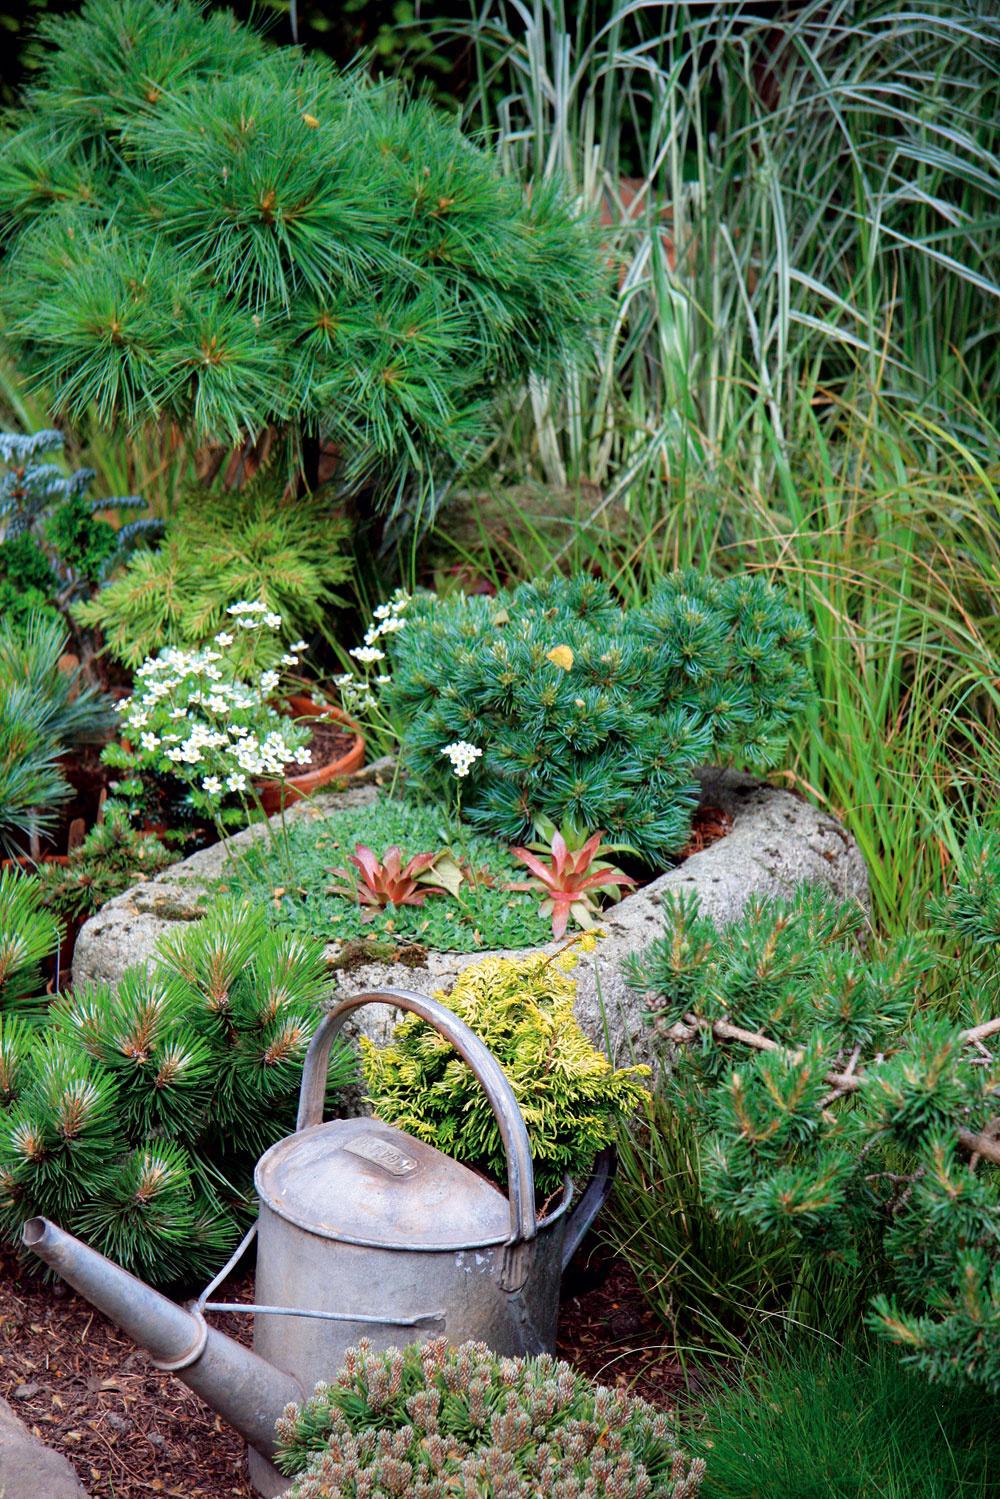 Miniihličnany sú pôsobivé aj vkamenných korytách spolu so skalničkami. Aak máte napríklad starú plechovú krhlu sderavým dnom, môžete skúsiť pestovať tieto dreviny aj vnej.